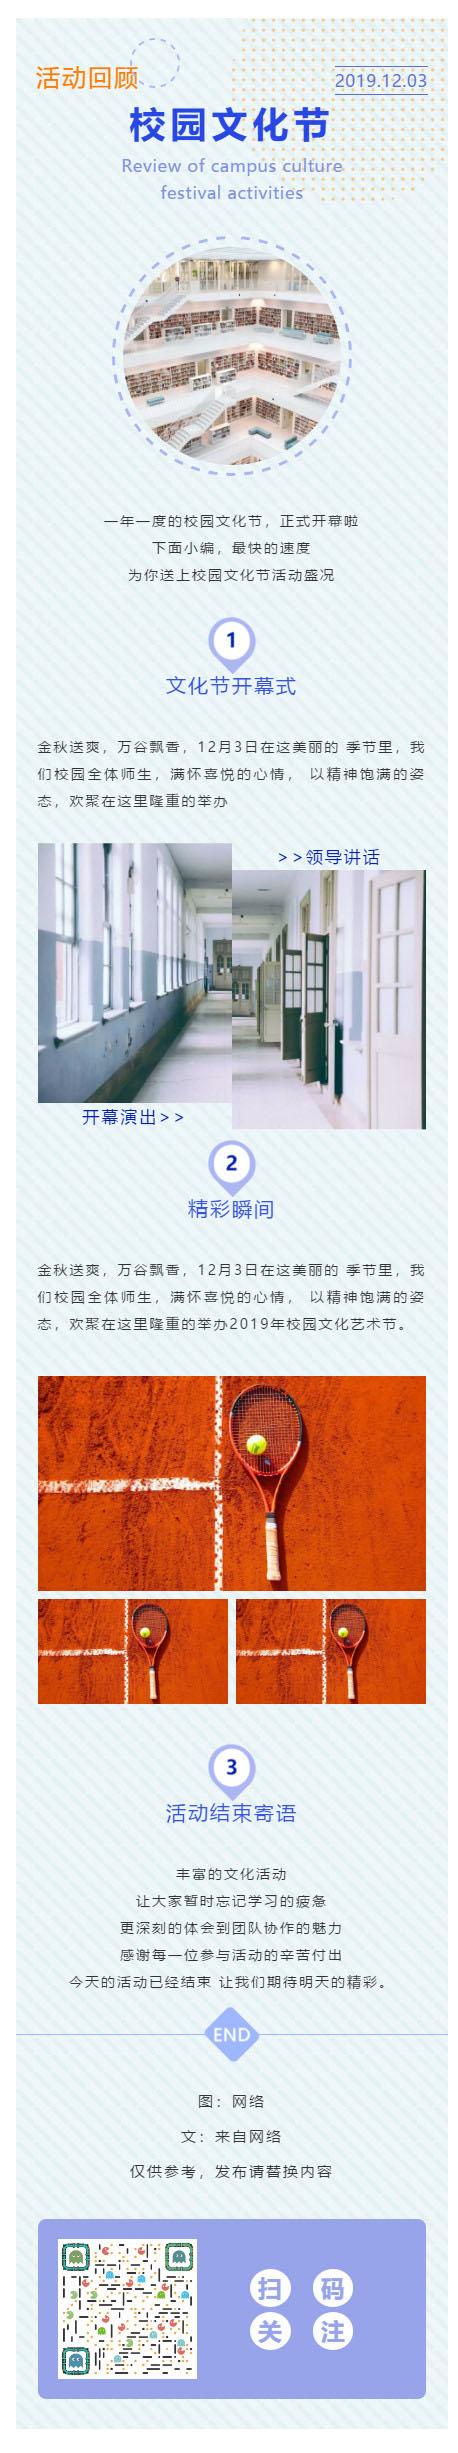 校园文化节学校校园运动会活动回顾微信推送文章素材模板